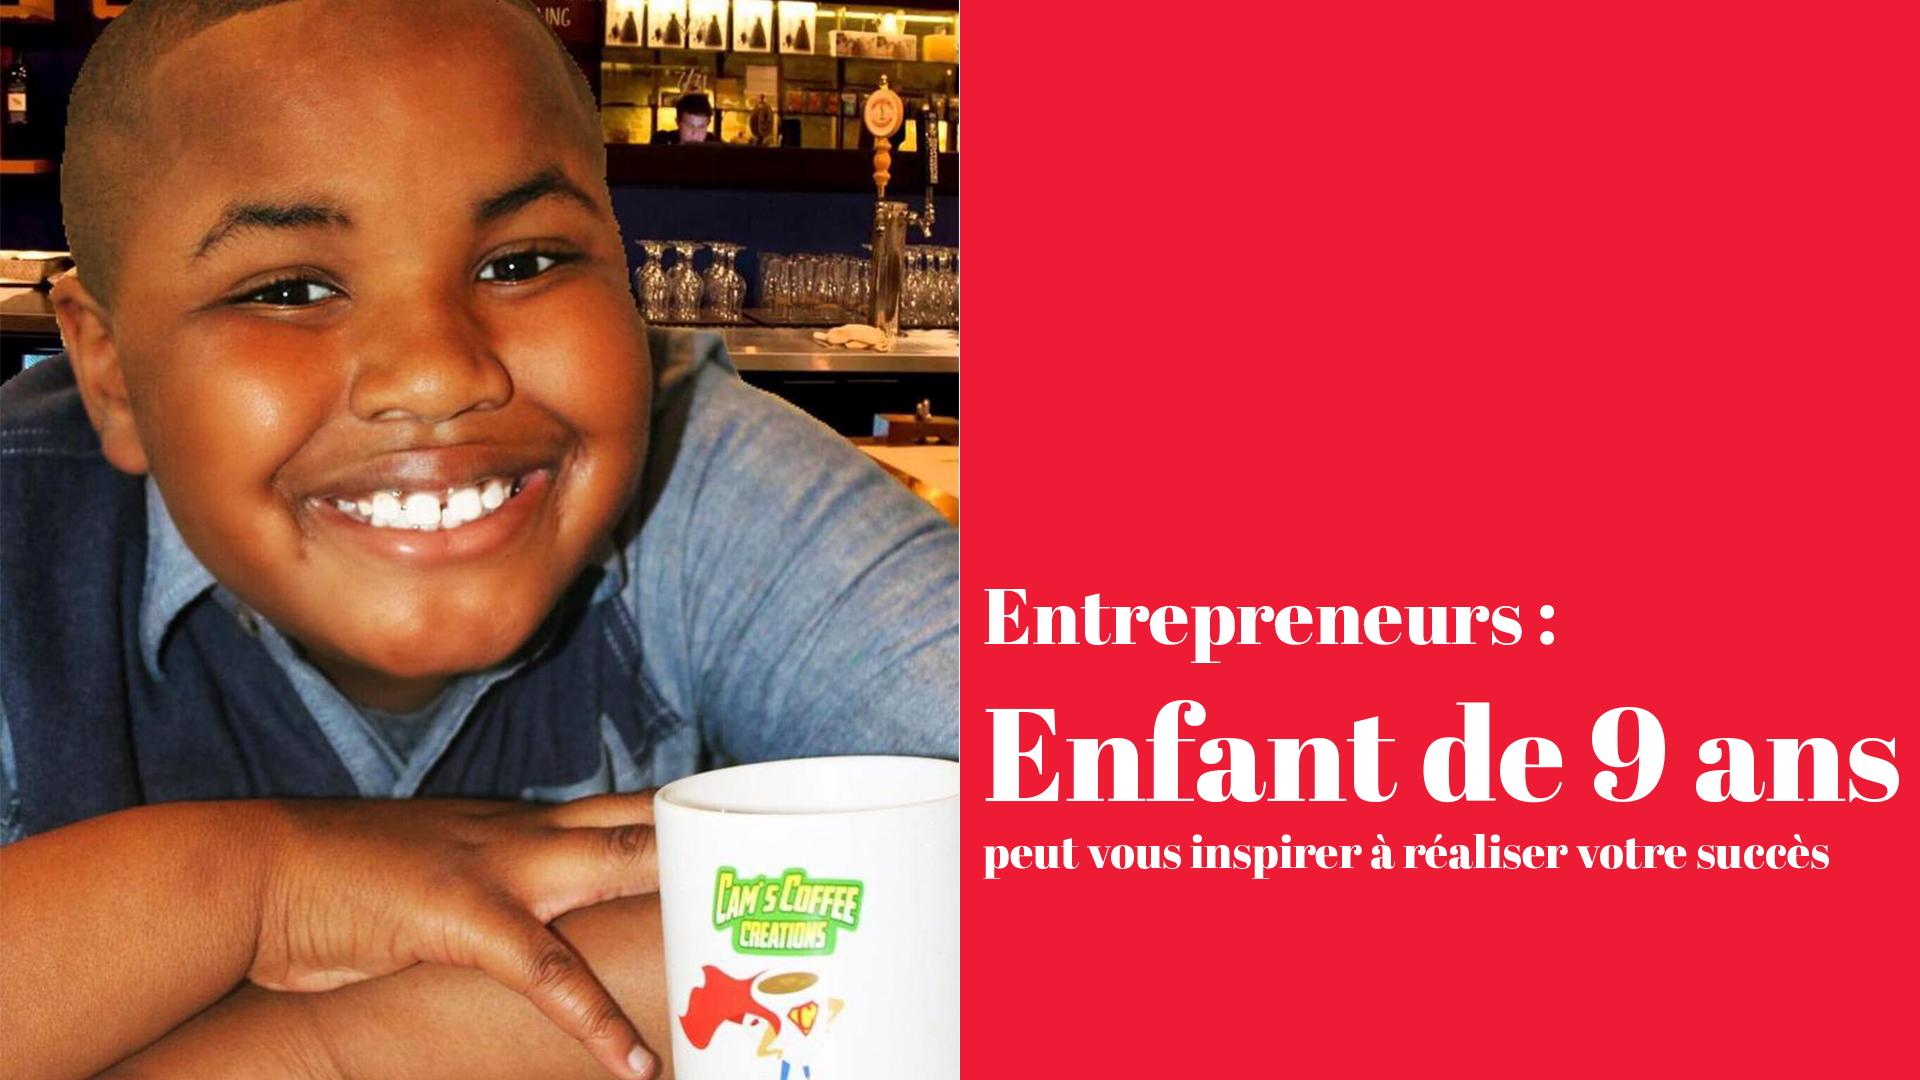 Camden Myers , enfant de 9 ans peut vous inspirer à réaliser votre succès!